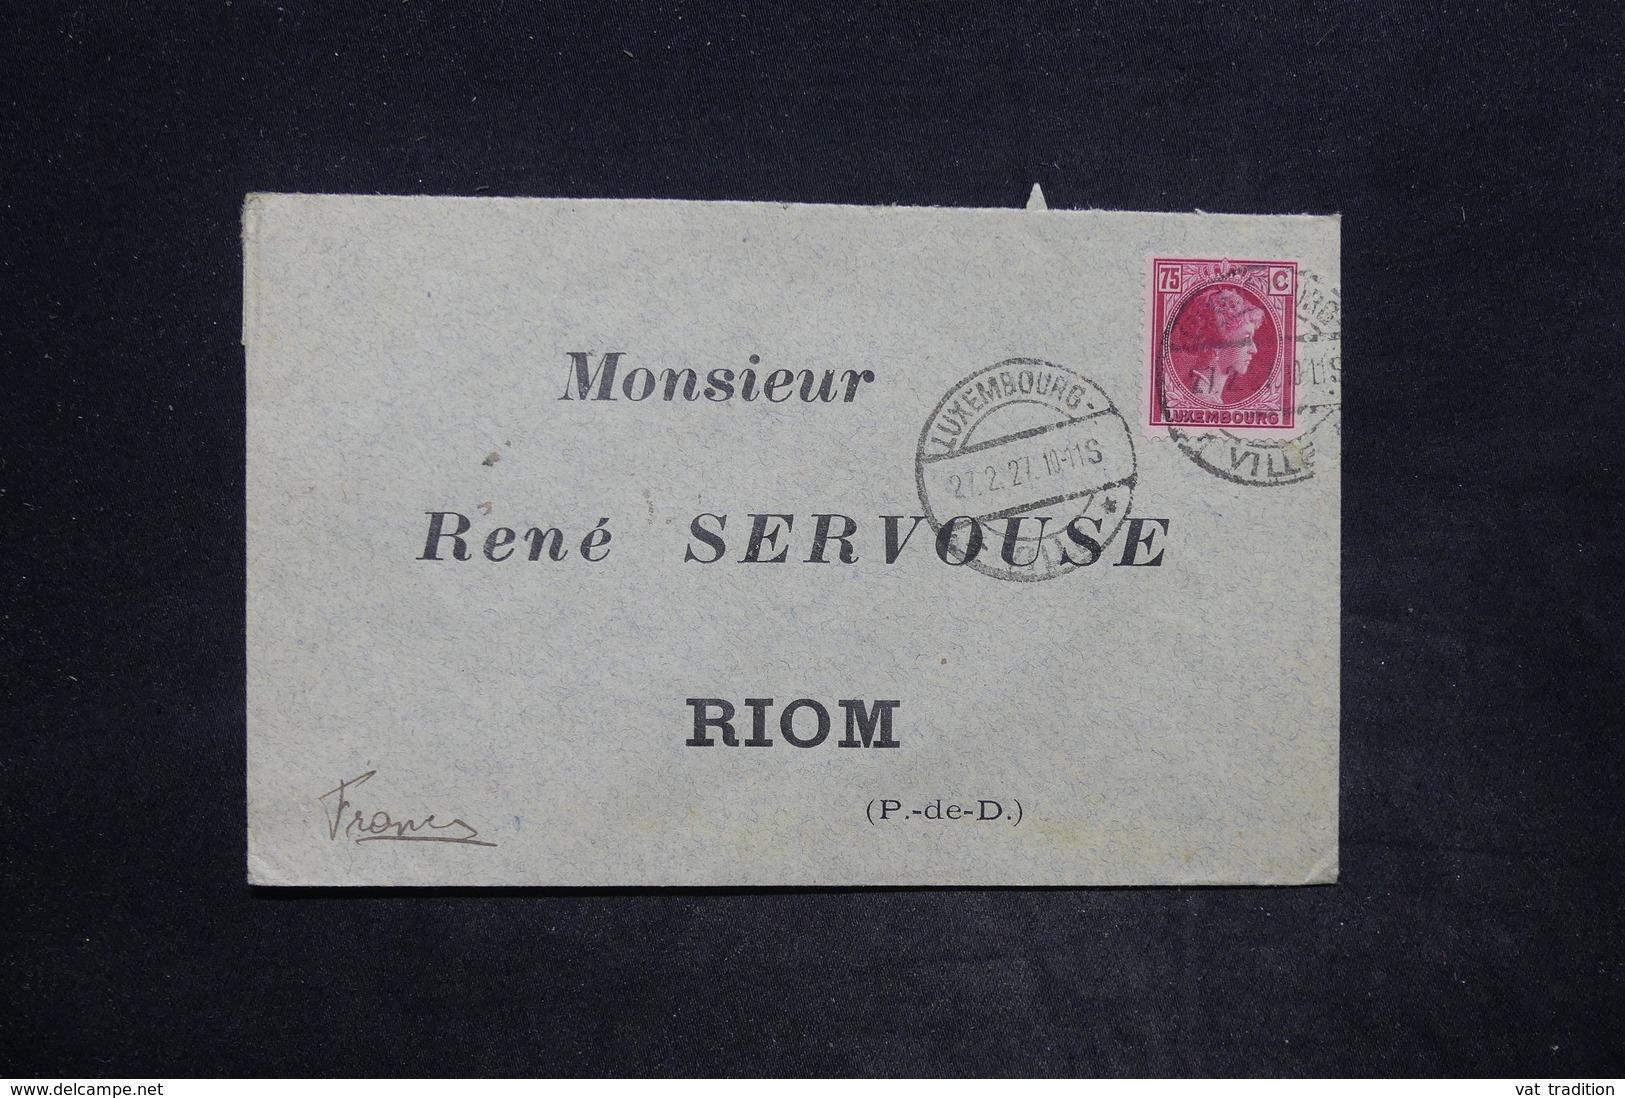 LUXEMBOURG - Affranchissement De Luxembourg Sur Enveloppe Pour La France En 1927 - L 25893 - Luxembourg